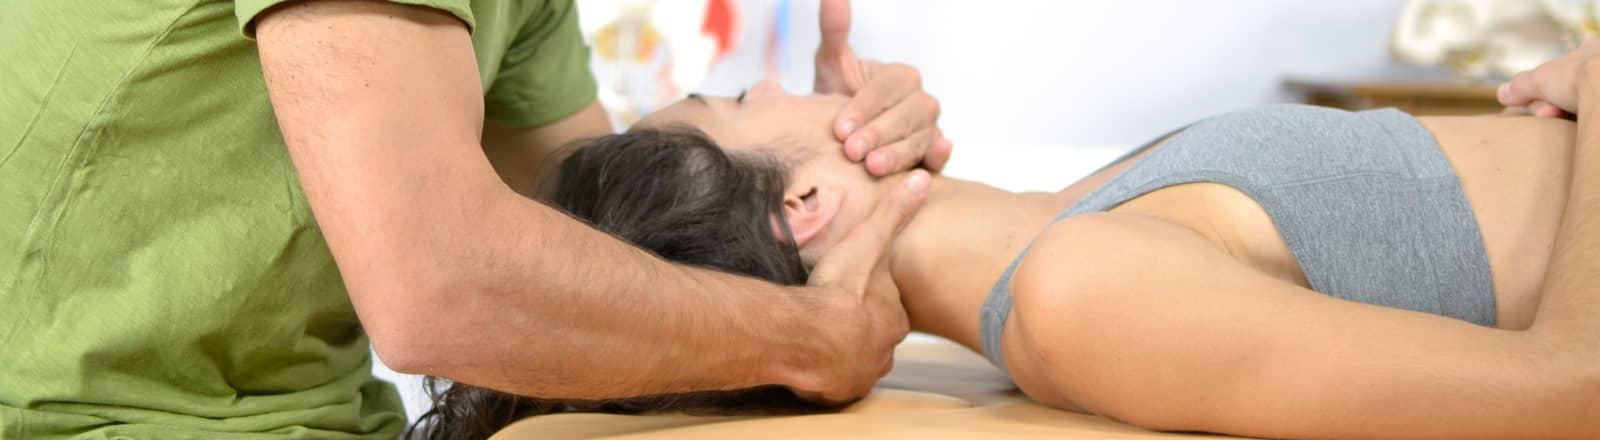 masaje terapeutico fisioterapia